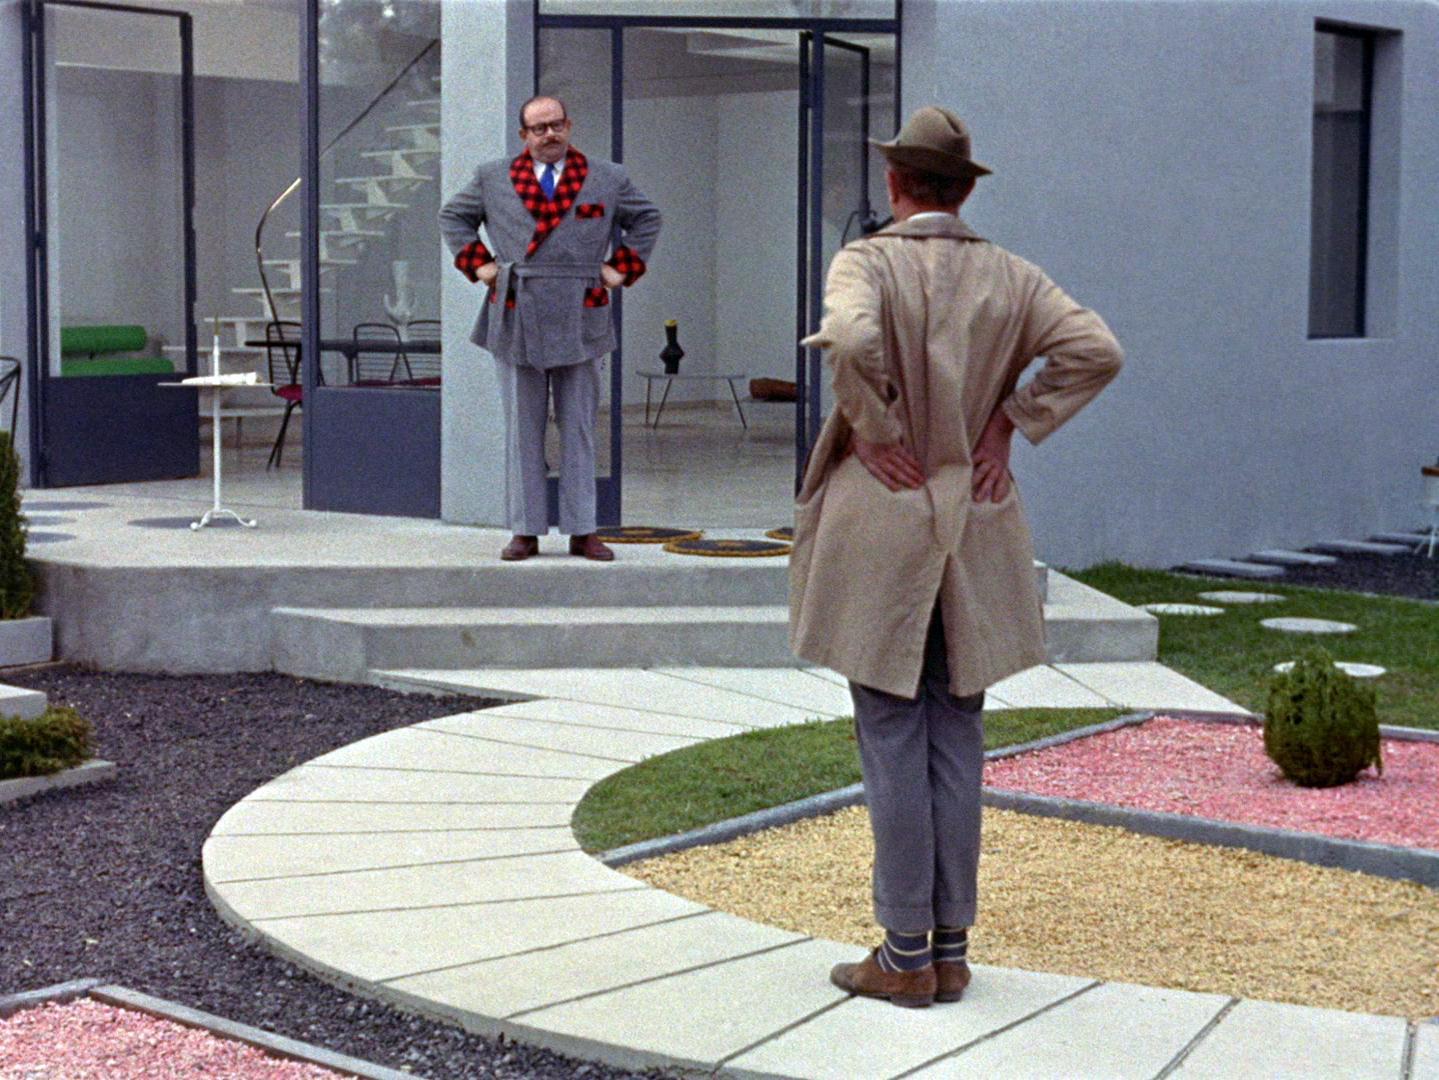 Mi Tío 1958 De Jacques Tati Modernidad Y Tradición Crítica Filasiete